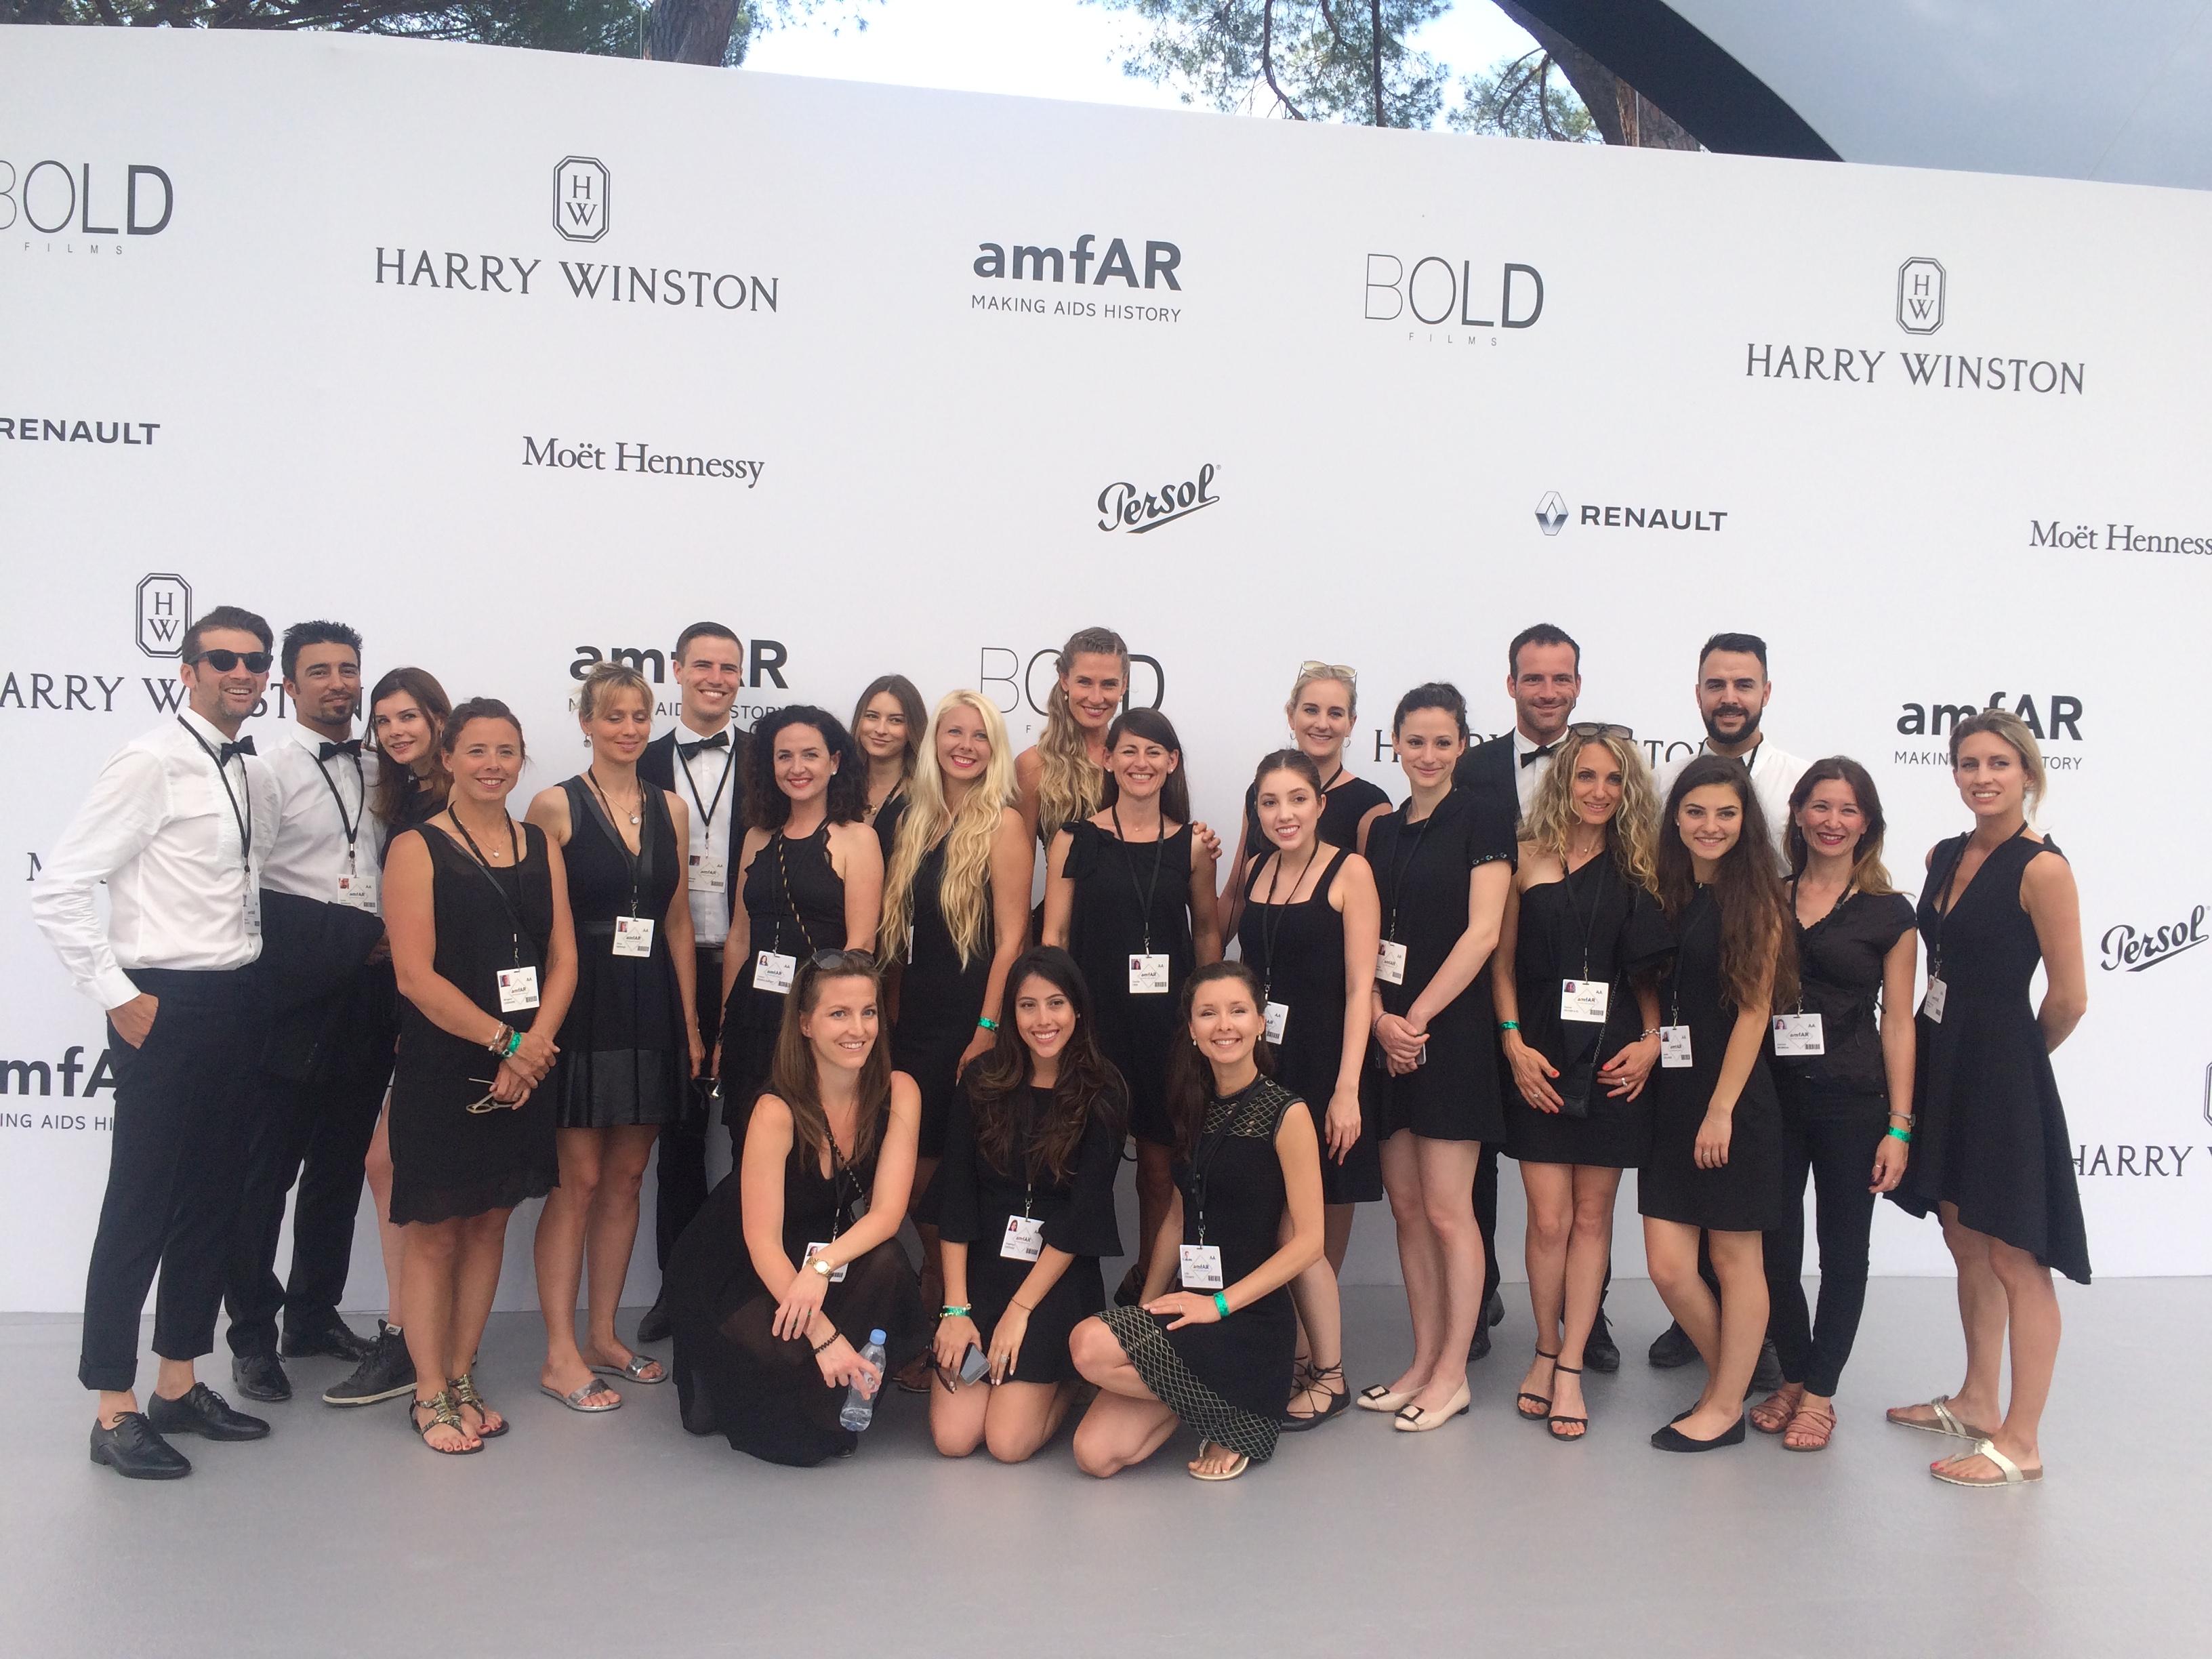 amfAR gala registration team 2017